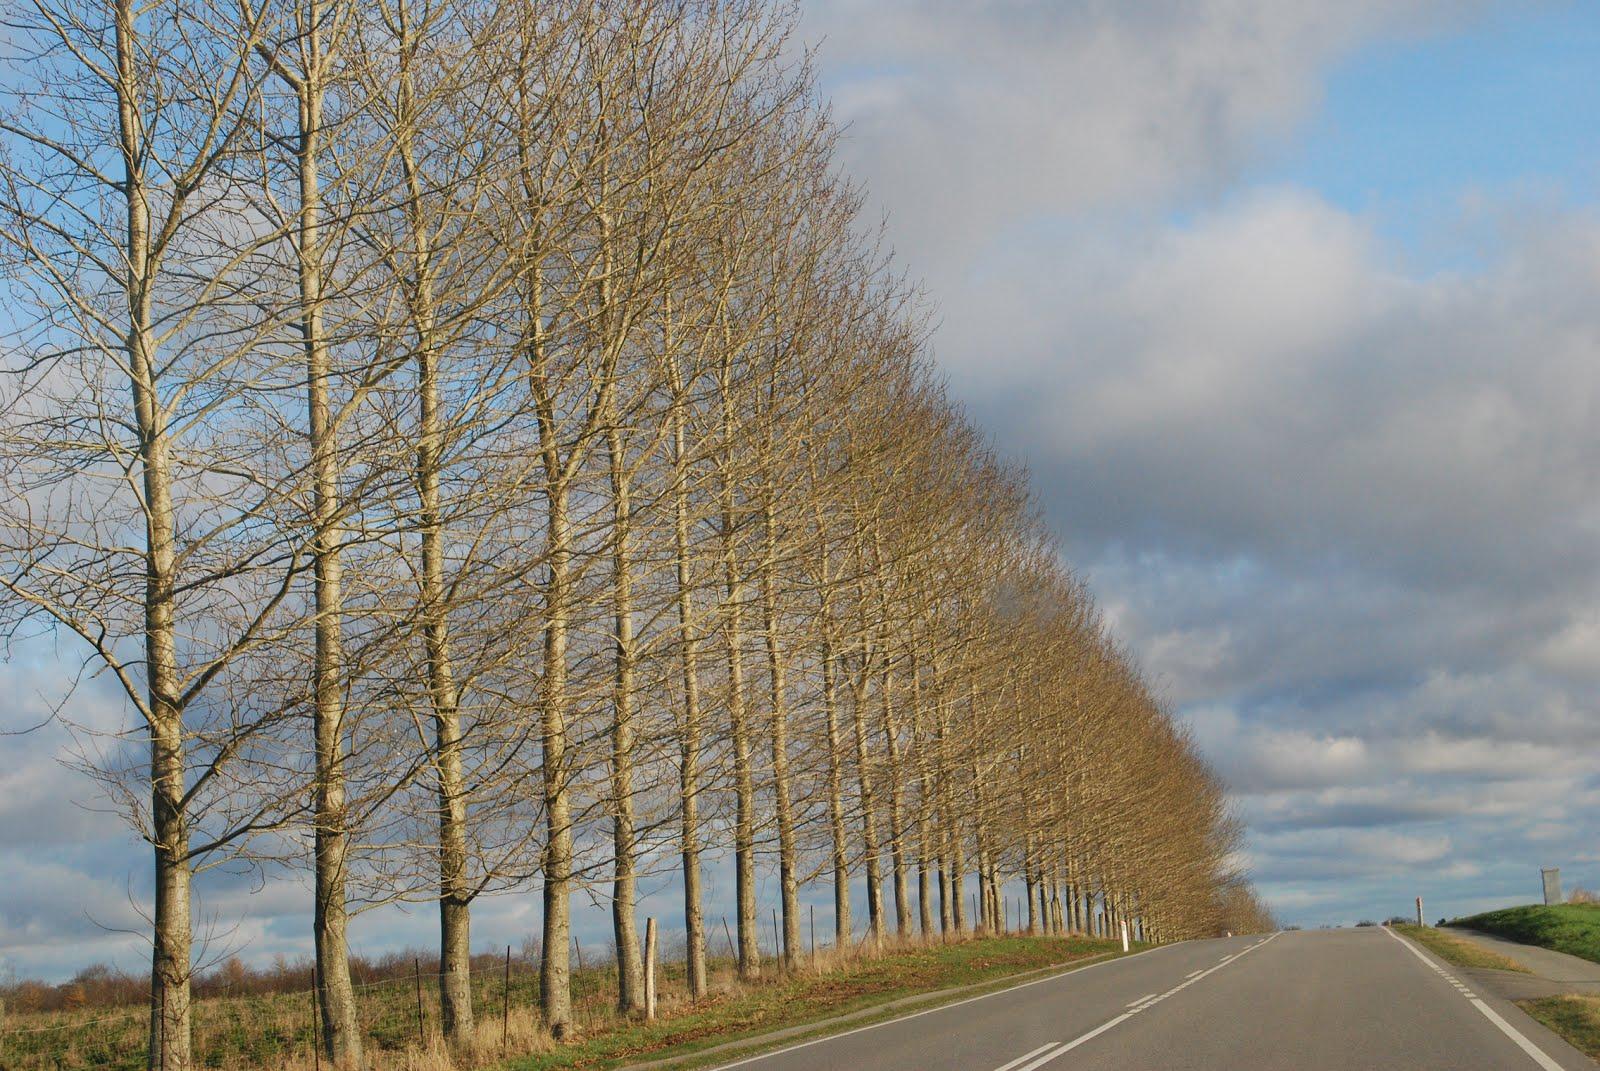 Poplars in November